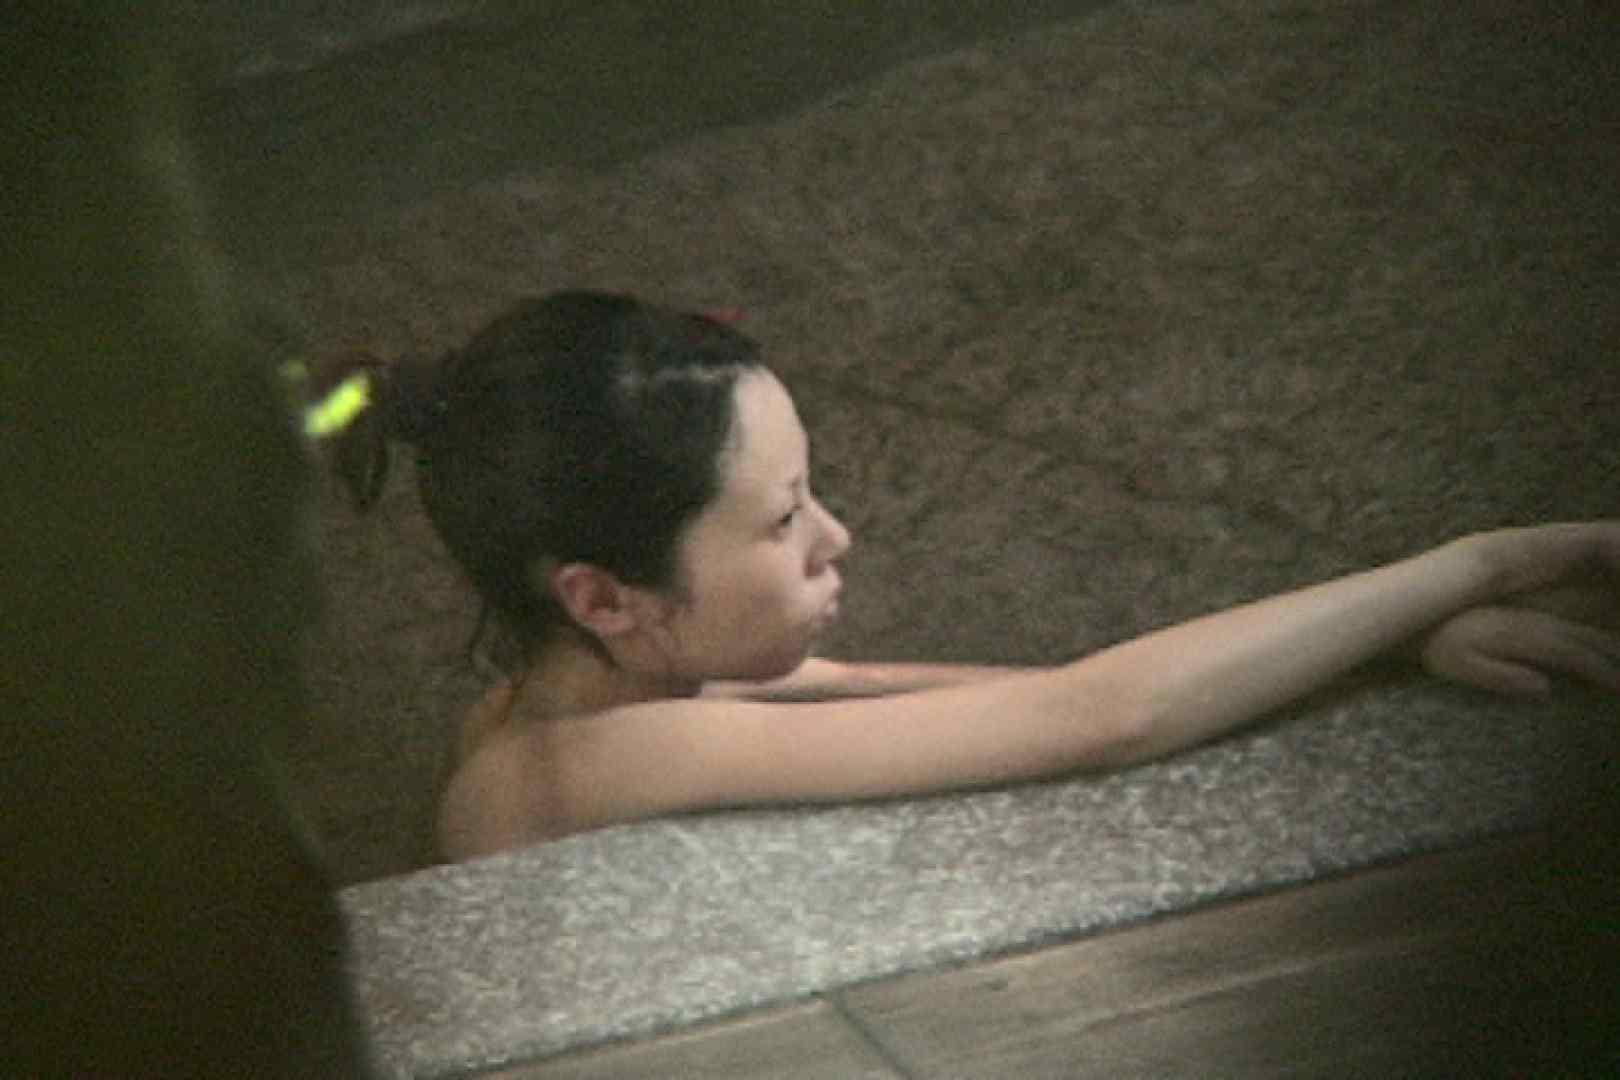 お女市さま編 オムニバスVol.9 むっちりガール セックス画像 110枚 61